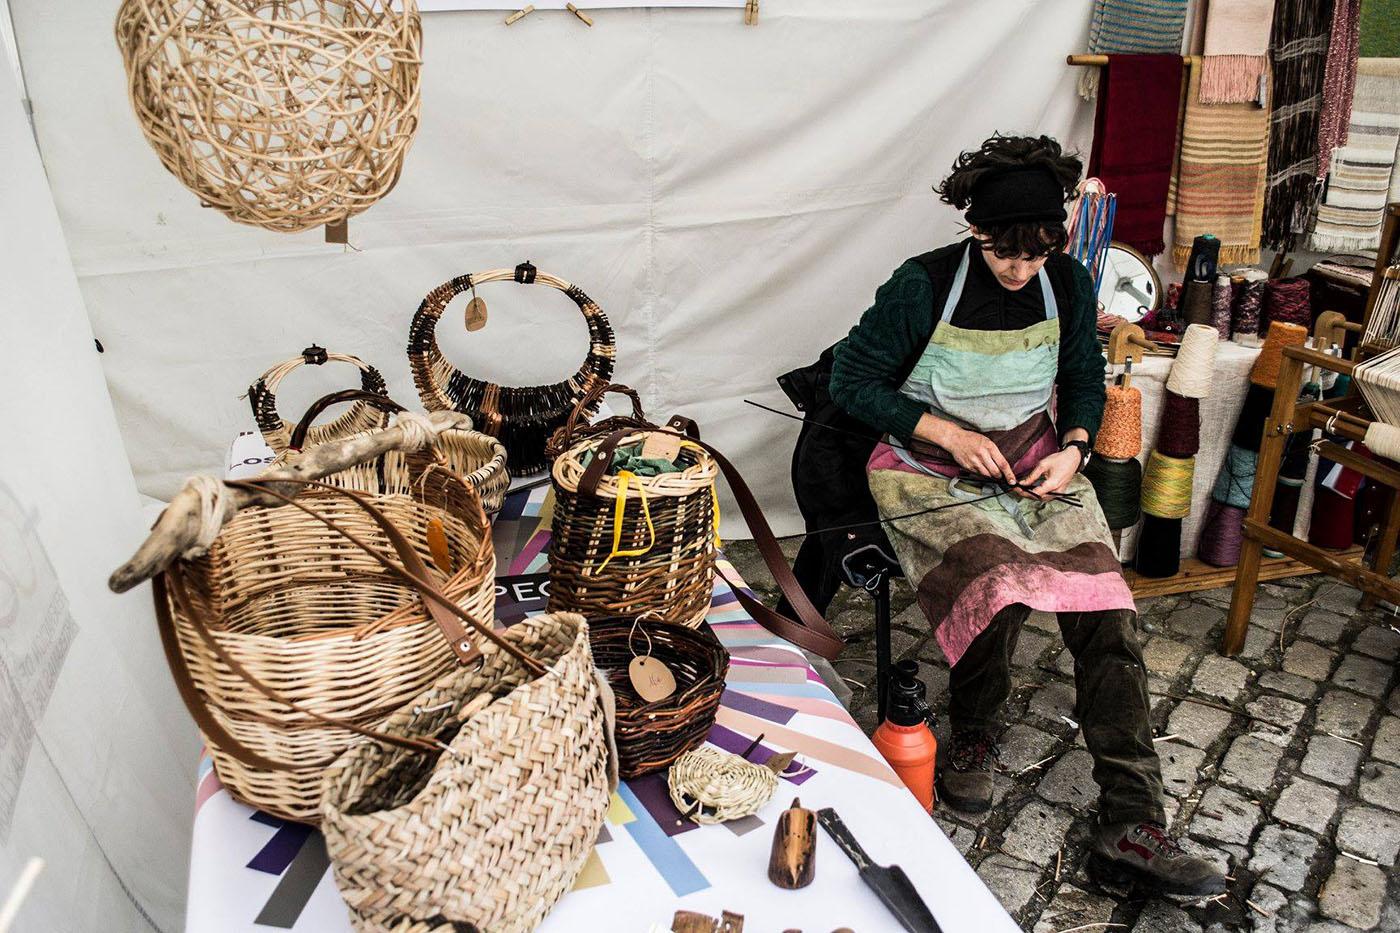 Cesteando: Jana tejiendo una de sus piezas de mimbre